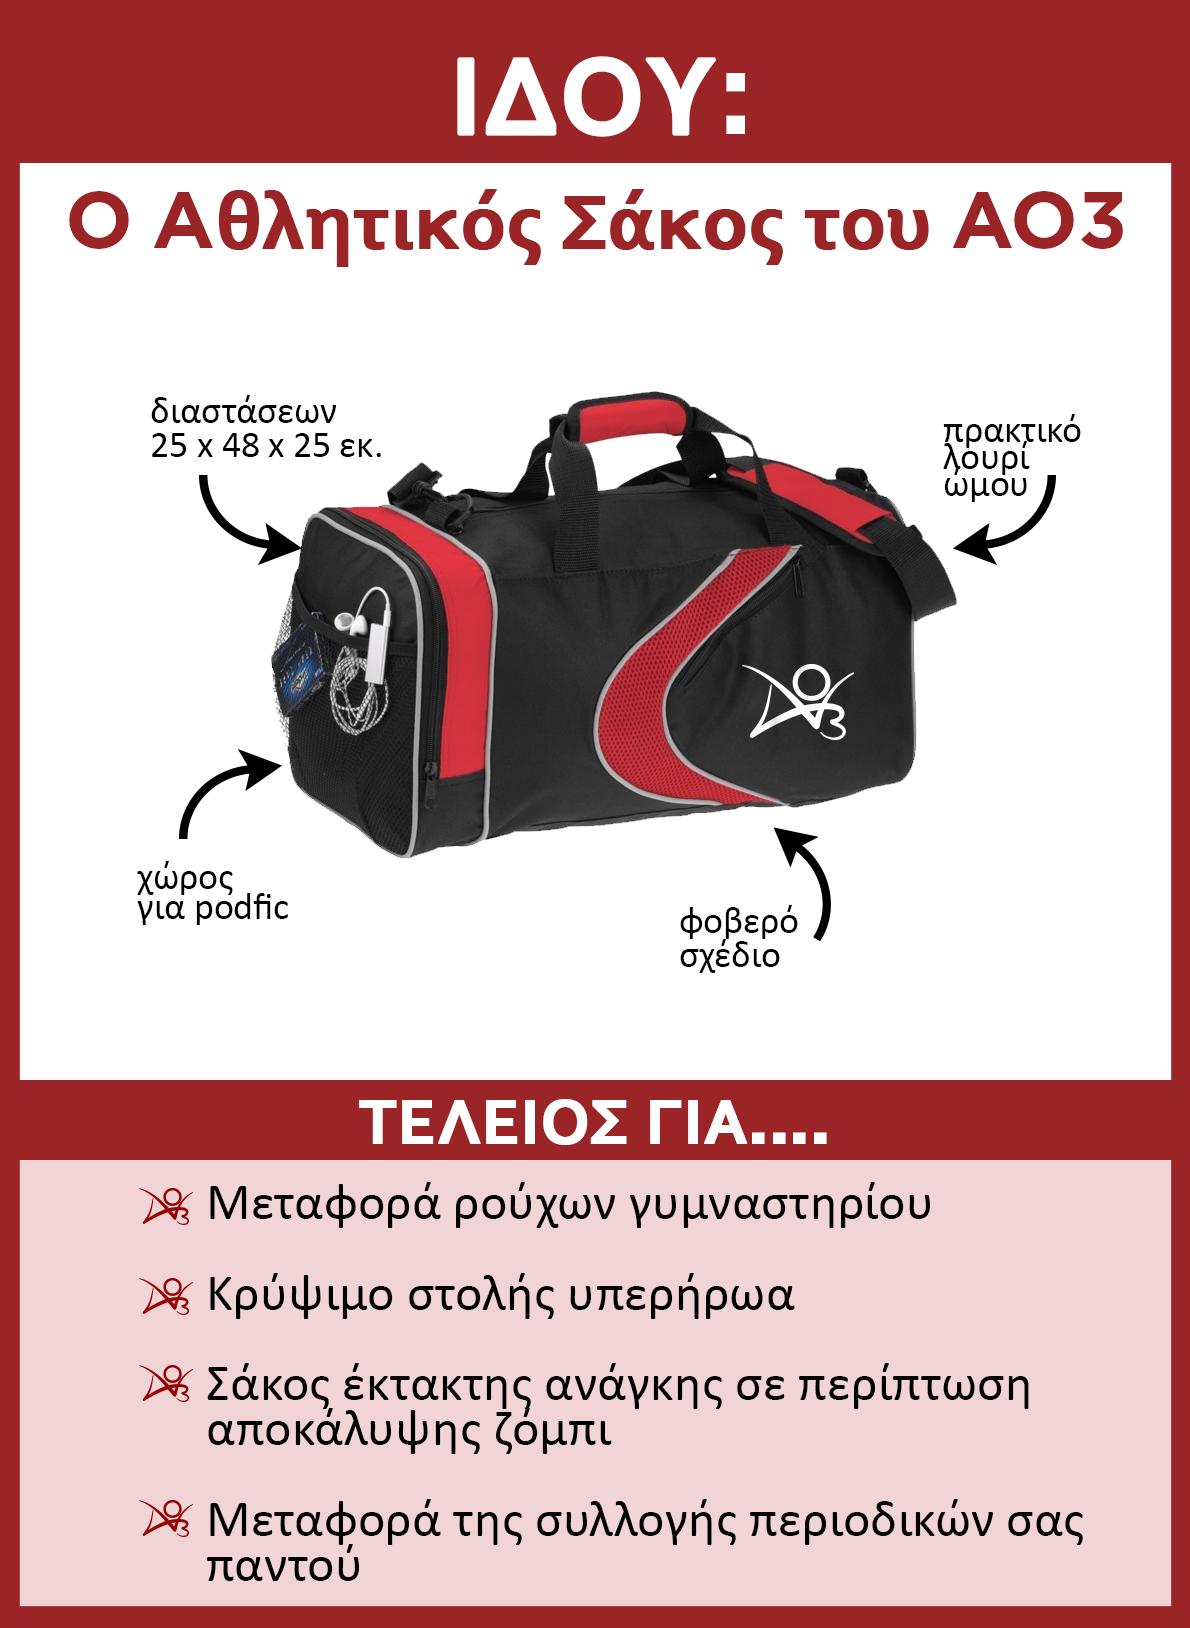 Ιδού ο Αθλητικός Σάκος του AO3. Ο σάκος είναι μαύρος και κόκκινος, με μια κόκκινη κυματιστή γραμμή και ένα λευκό λογότυπο του AO3 στο πλάι. Έχει διαστάσεις 25×48×25 εκατοστά. Διαθέτει βολικό λουράκι ώμου και μια διχτυωτή πλαϊνή θήκη, ιδανική για την αποθήκευση ομιλούσας λογοτεχνίας θαυμαστών (podfic). Είναι τέλειος για να μεταφέρετε τα ρούχα γυμναστηρίου, για να κρύψετε τη στολή σας υπερήρωα, για να τον χρησιμοποιήσετε ως σάκο έκτακτης ανάγκης σε περίπτωση αποκάλυψης ζόμπι και για να έχετε τη συλλογή περιοδικών σας όπου πάτε.